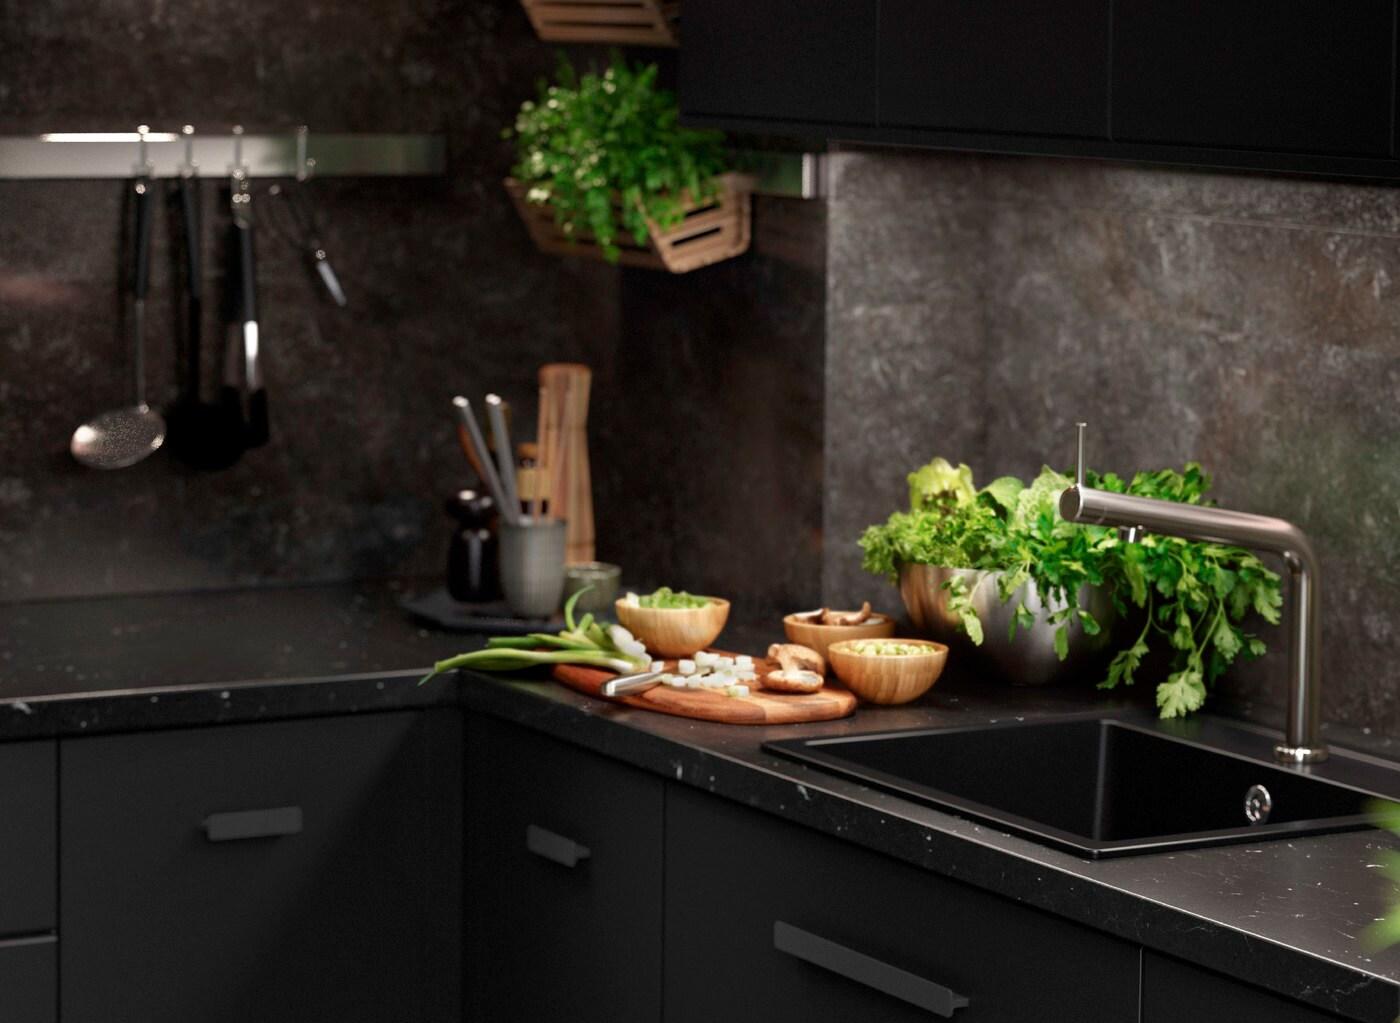 Eine Küche mit schwarzen KUNGSBACKA Fronten und Marmorflächen, dazu Küchenutensilien und frische Kräuter